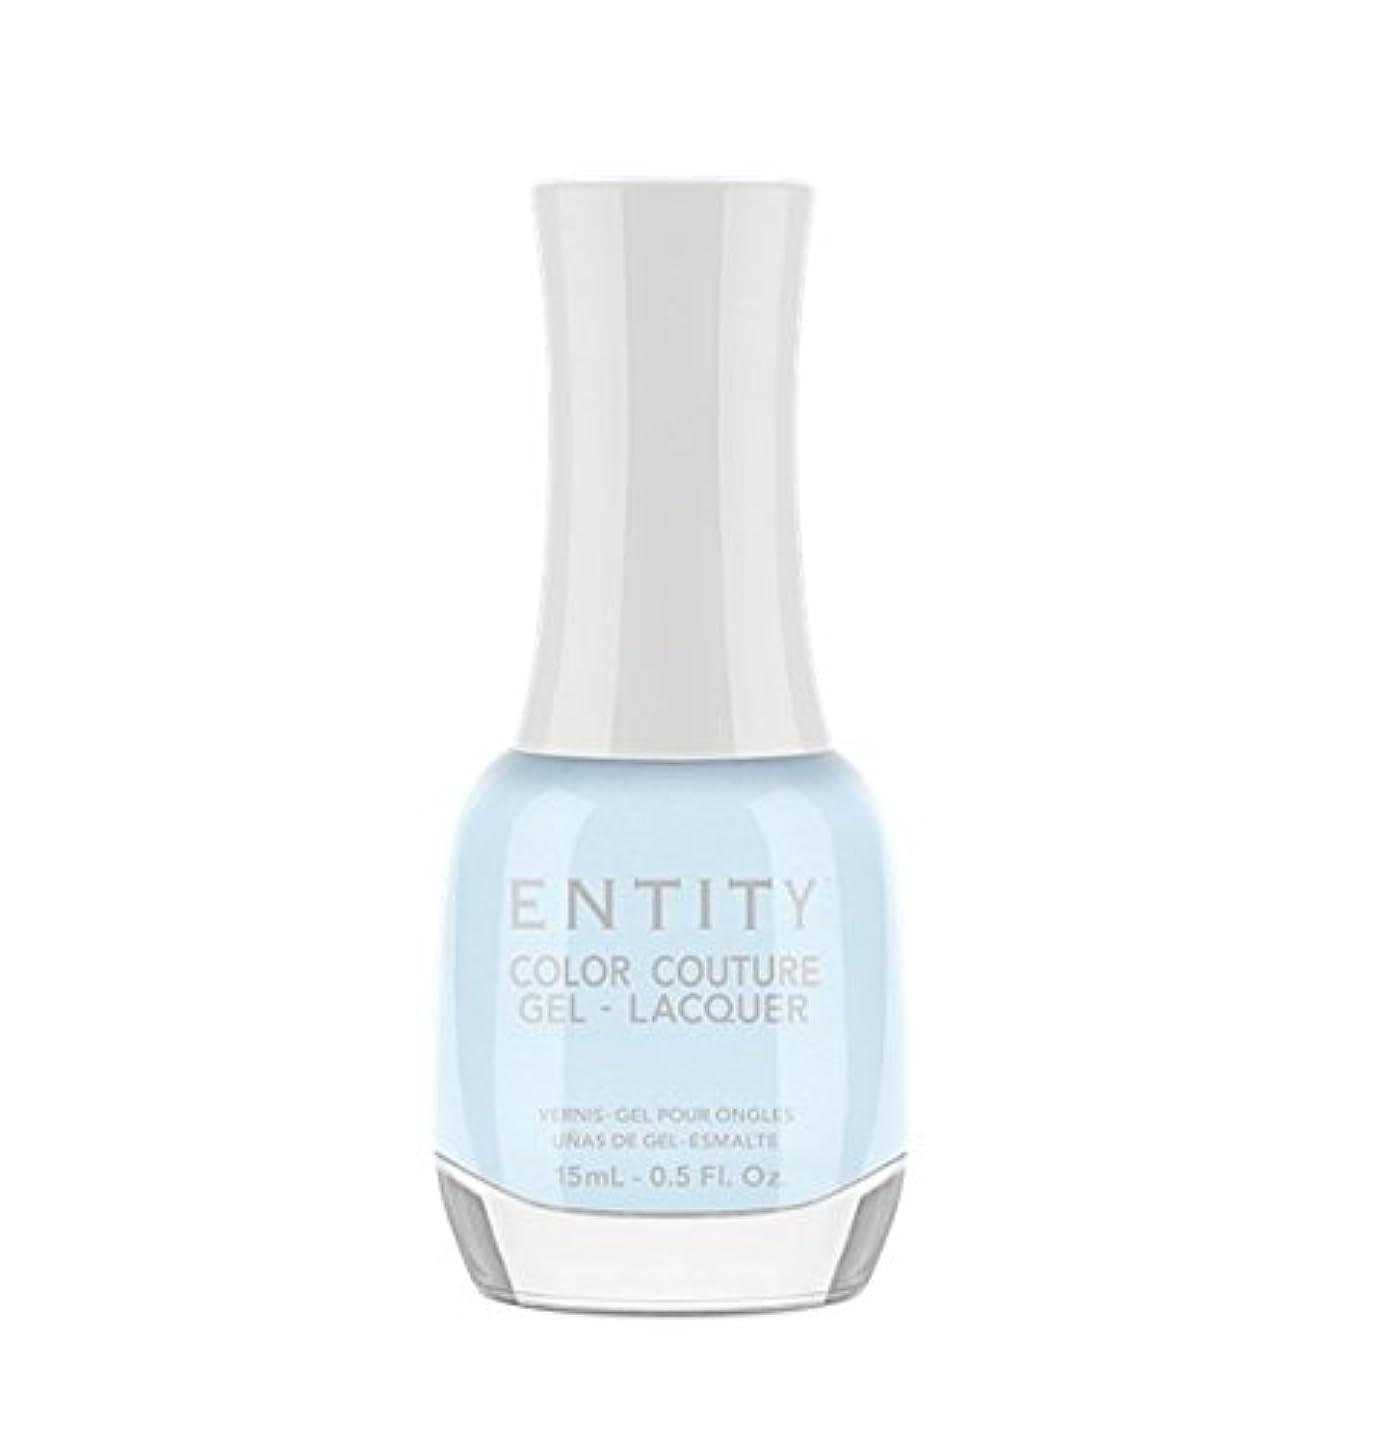 ファーザーファージュ筋起きろEntity Color Couture Gel-Lacquer - Delicates - 15 ml/0.5 oz